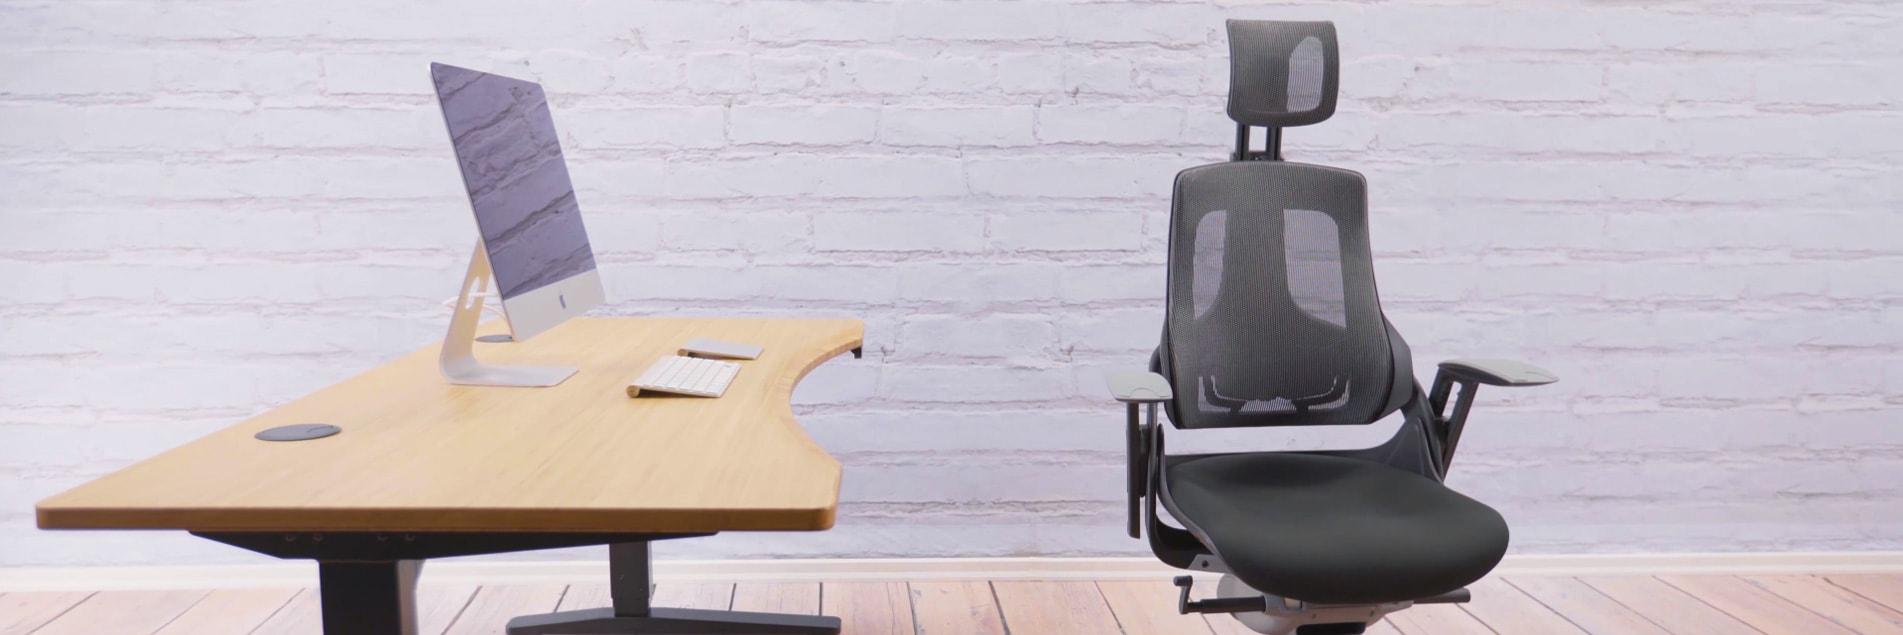 height adjustable standing desk uplift desk. Black Bedroom Furniture Sets. Home Design Ideas